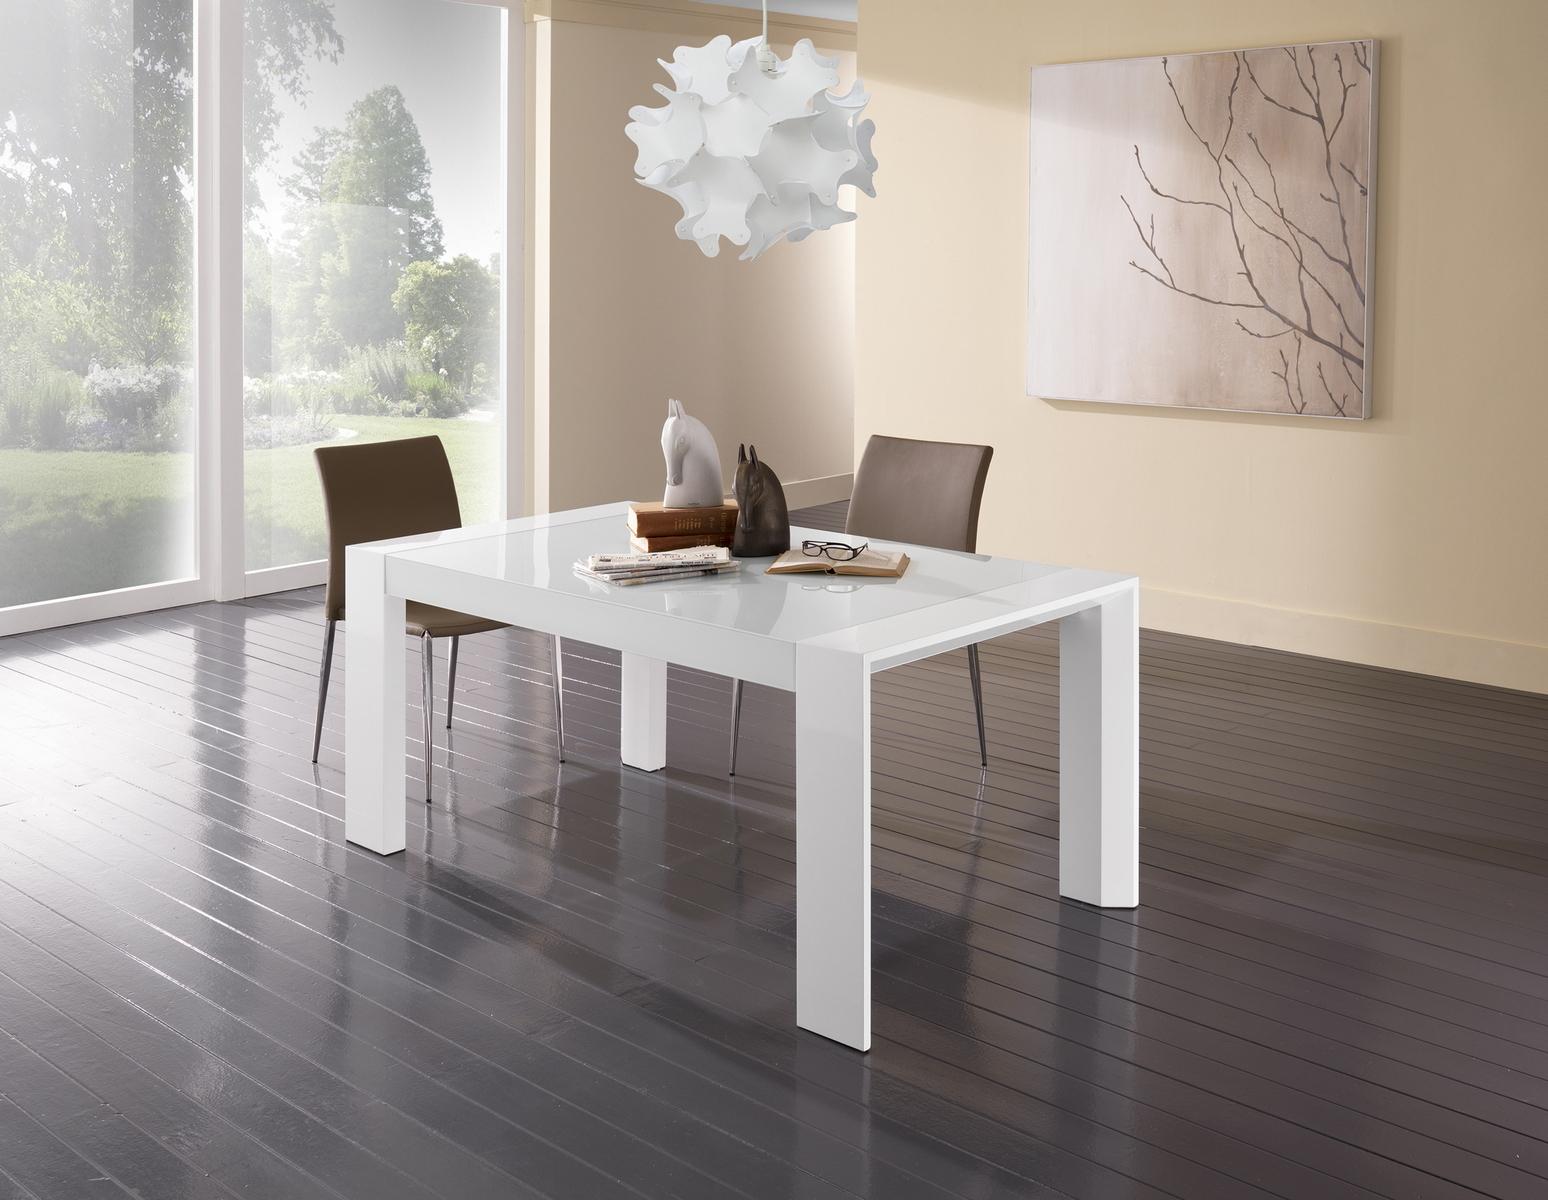 Soggiorno cucina moderno tavoli cucina moderni prezzi for Tavoli bianchi moderni